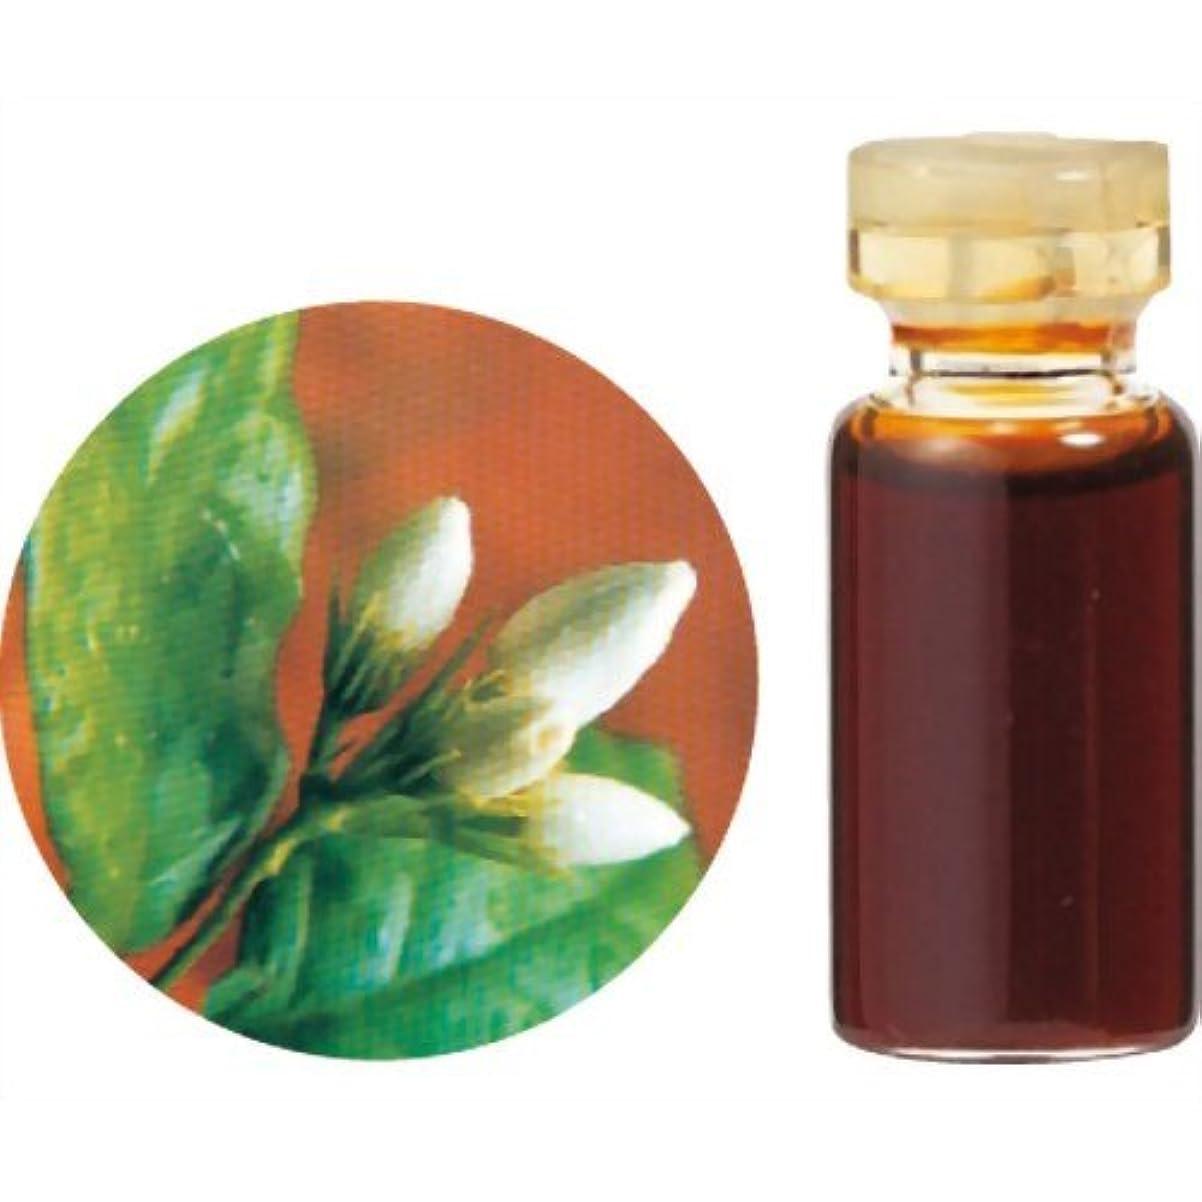 予見する振る舞いミュート生活の木 C 花精油 ジャスミン サンバック アブソリュート エッセンシャルオイル 3ml